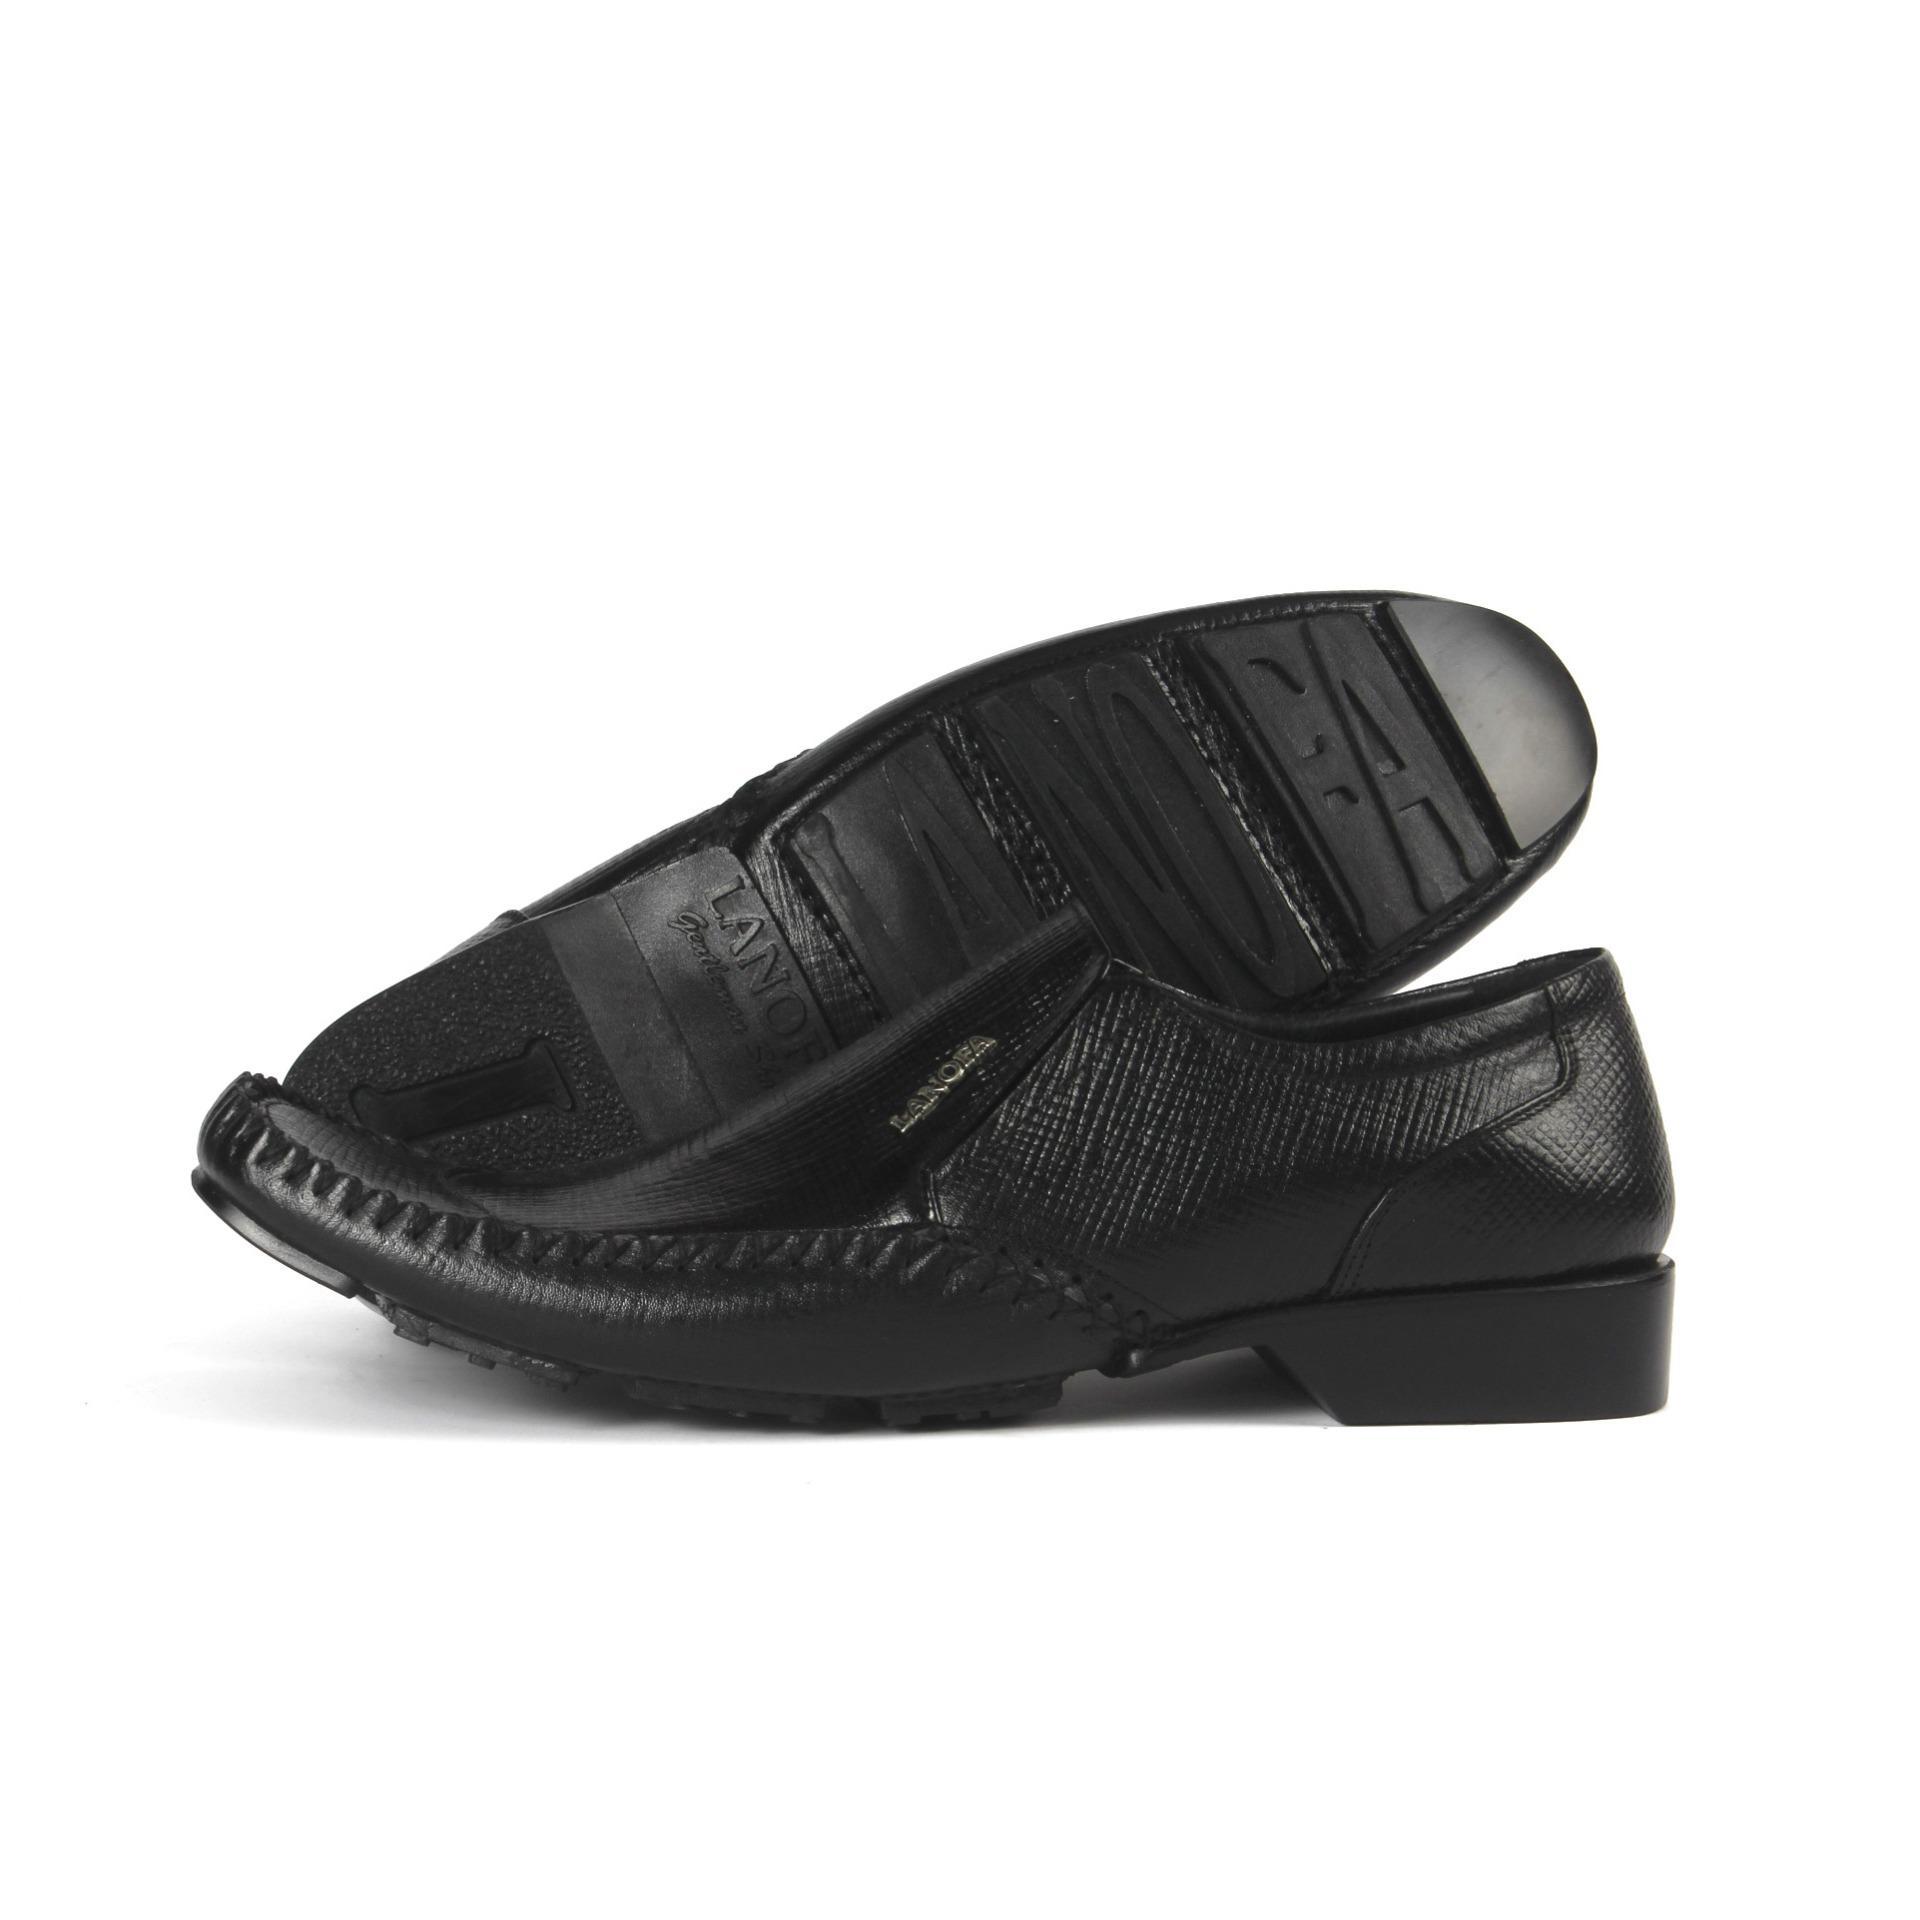 Lanofa Sepatu Pantofel Asli Kulit LNF1157 di Jakarta